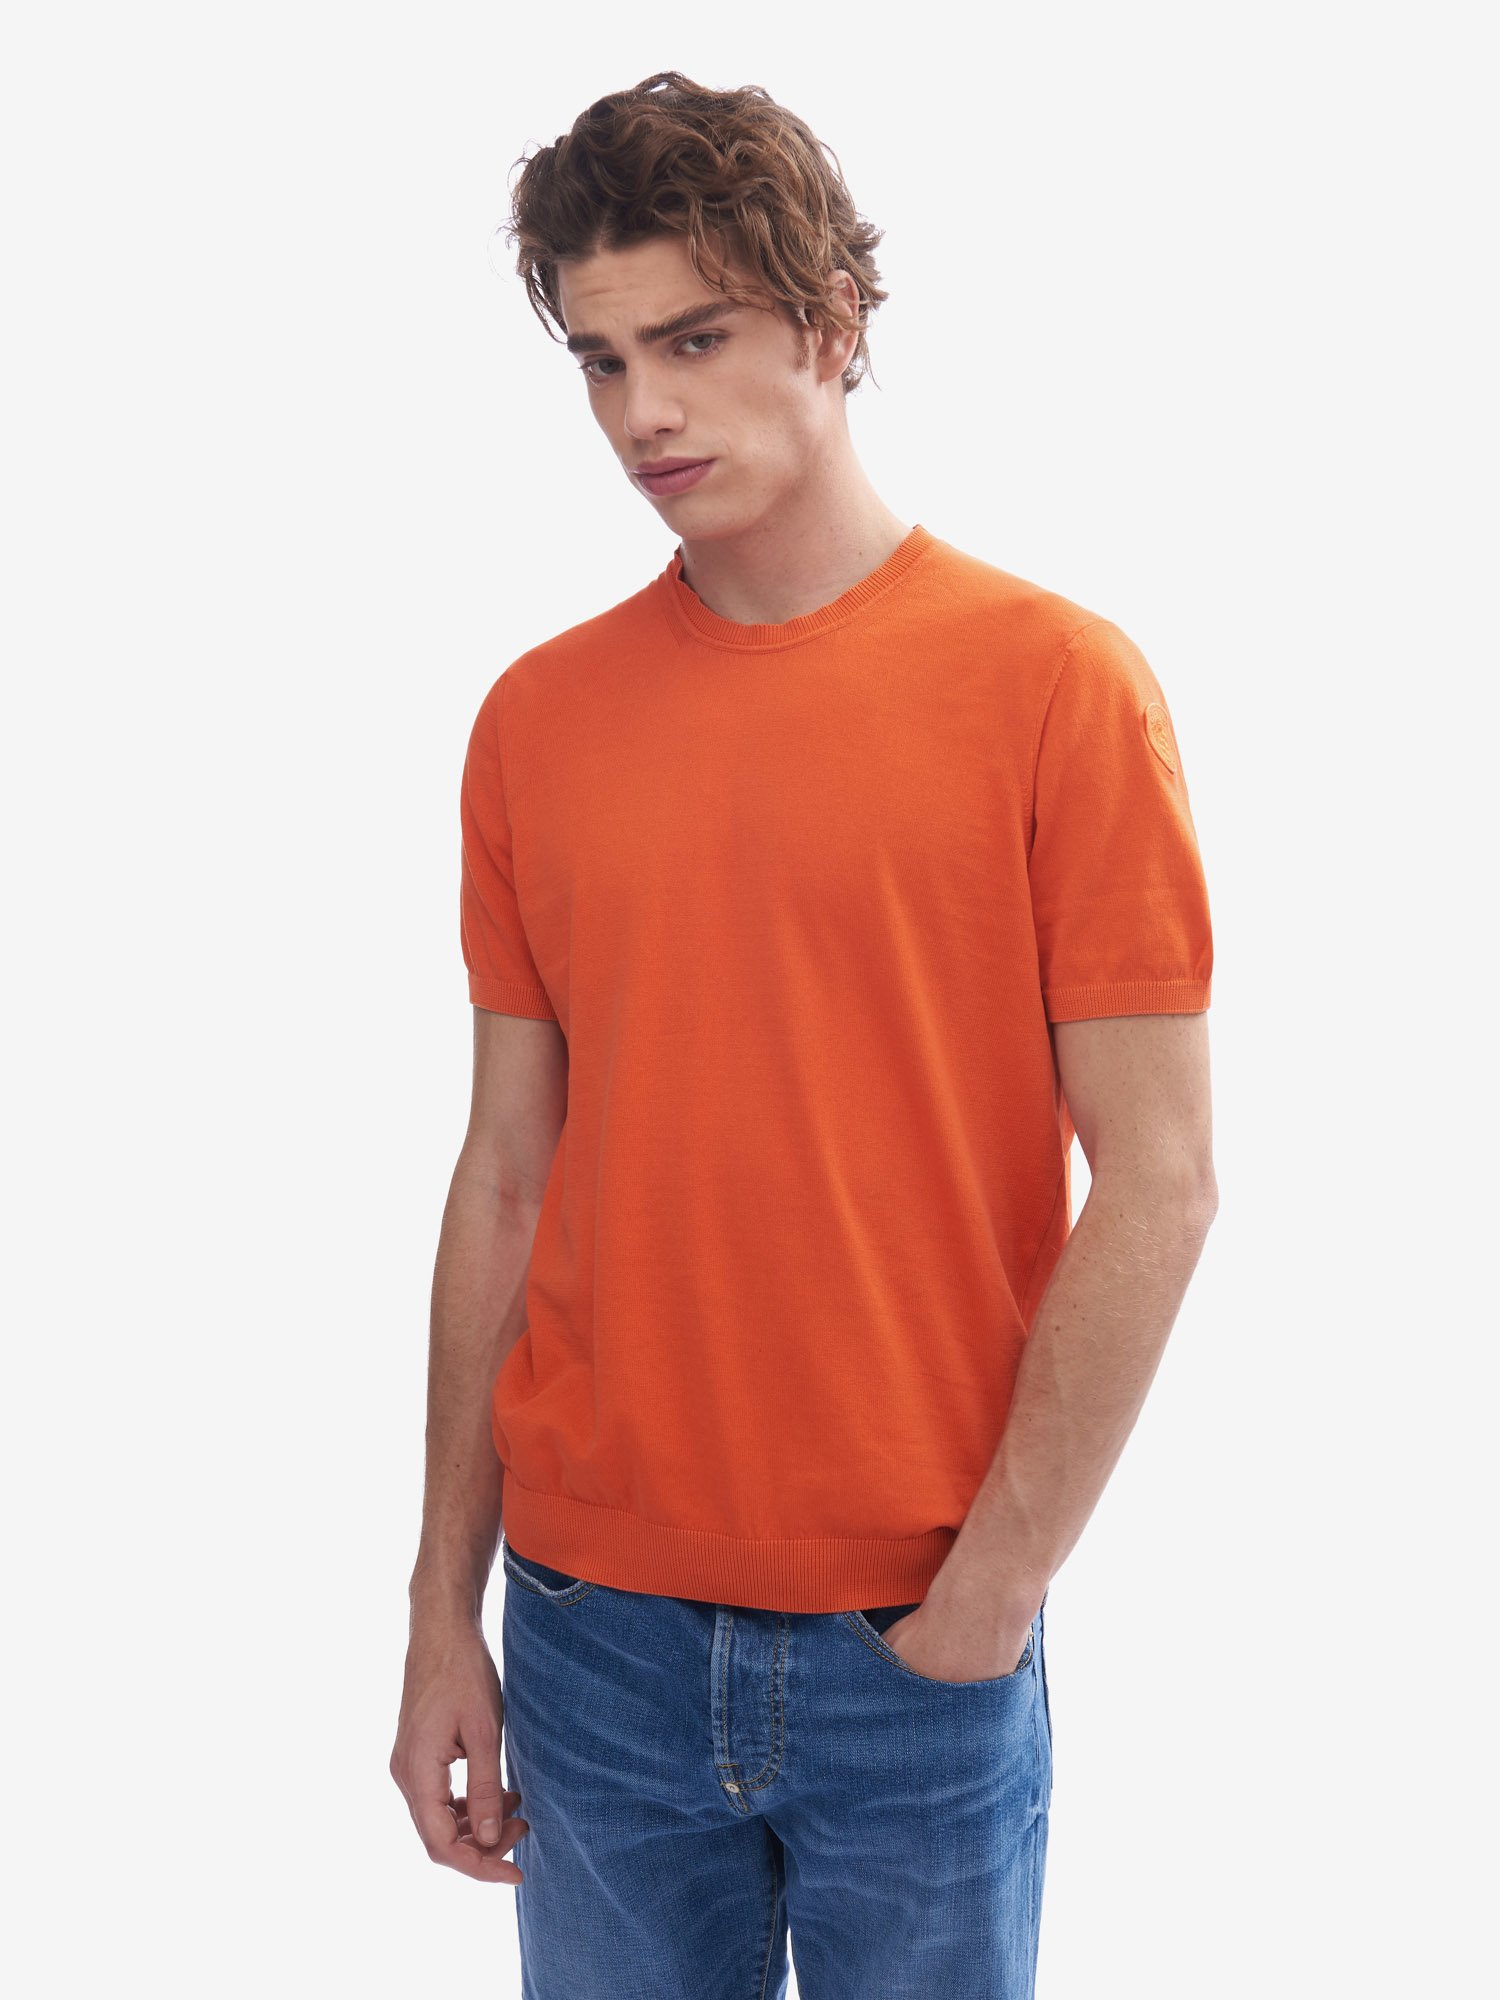 Blauer - MAGLIA IN COTONE MANICA CORTA - Arancio Brillante - Blauer